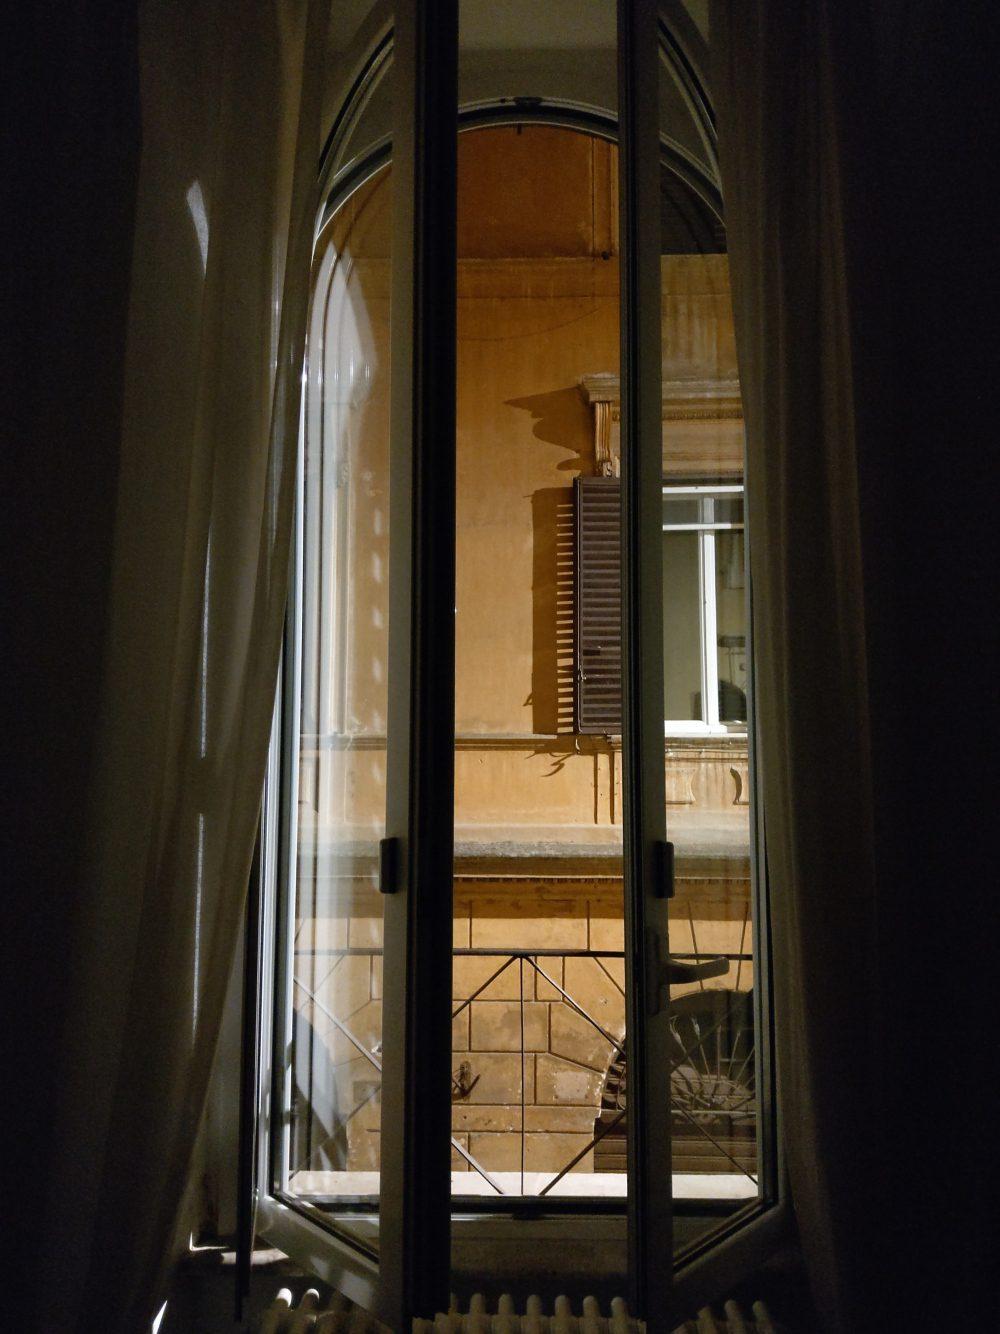 zdjęcie nocne widok z okna htc u12 plus